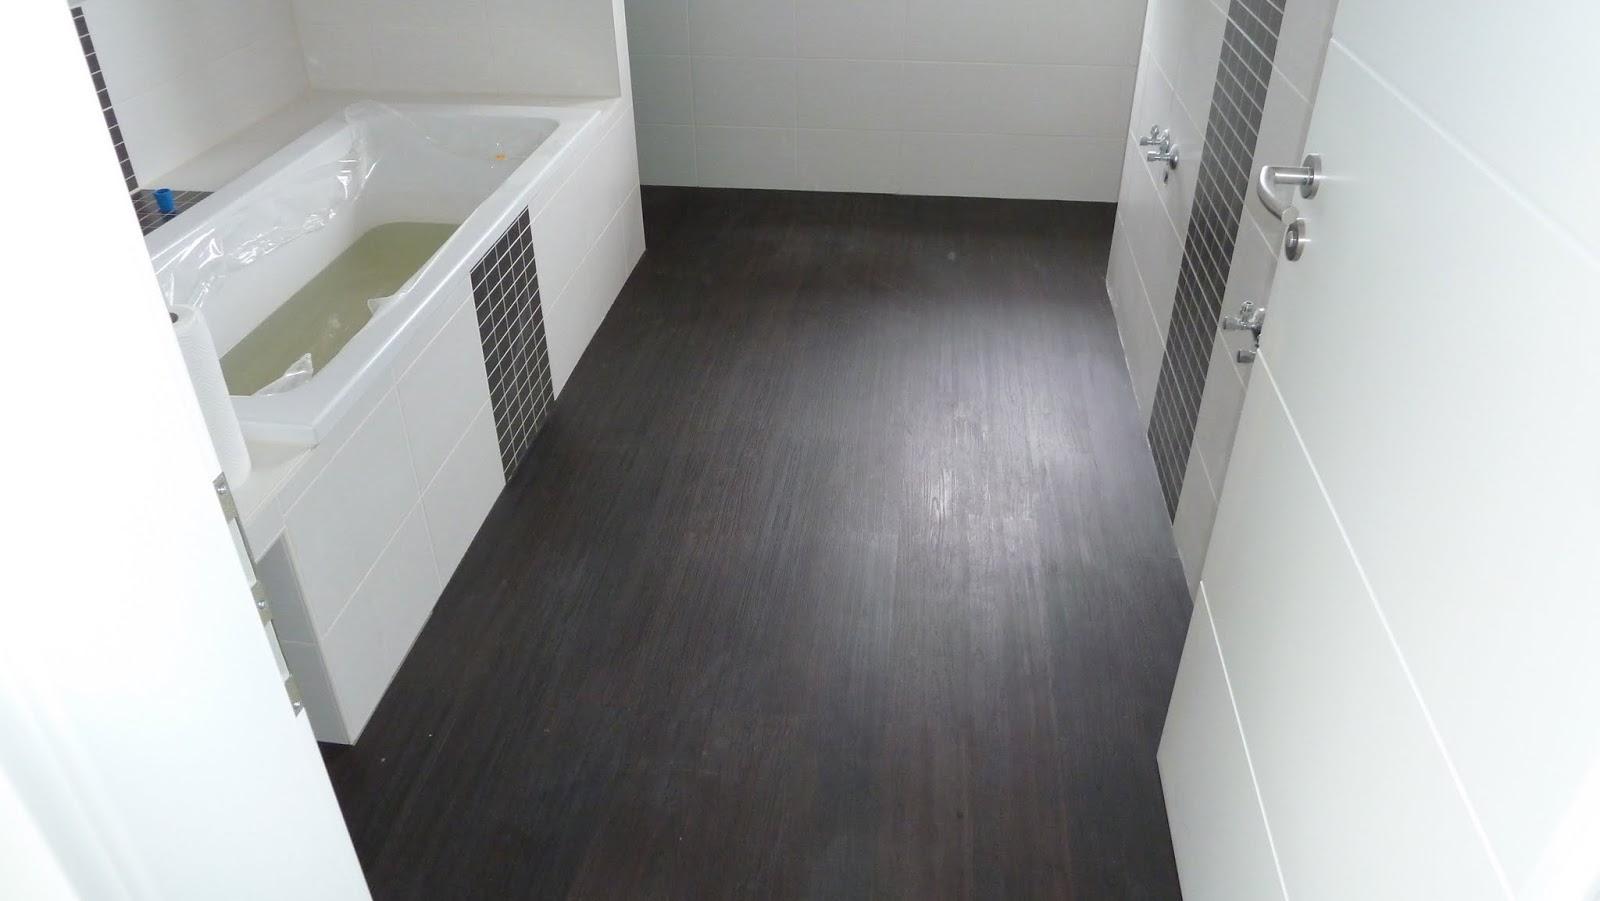 hausbau von christian und jeannette mit der firma deko hausbau gmbh designbelag ist verlegt. Black Bedroom Furniture Sets. Home Design Ideas